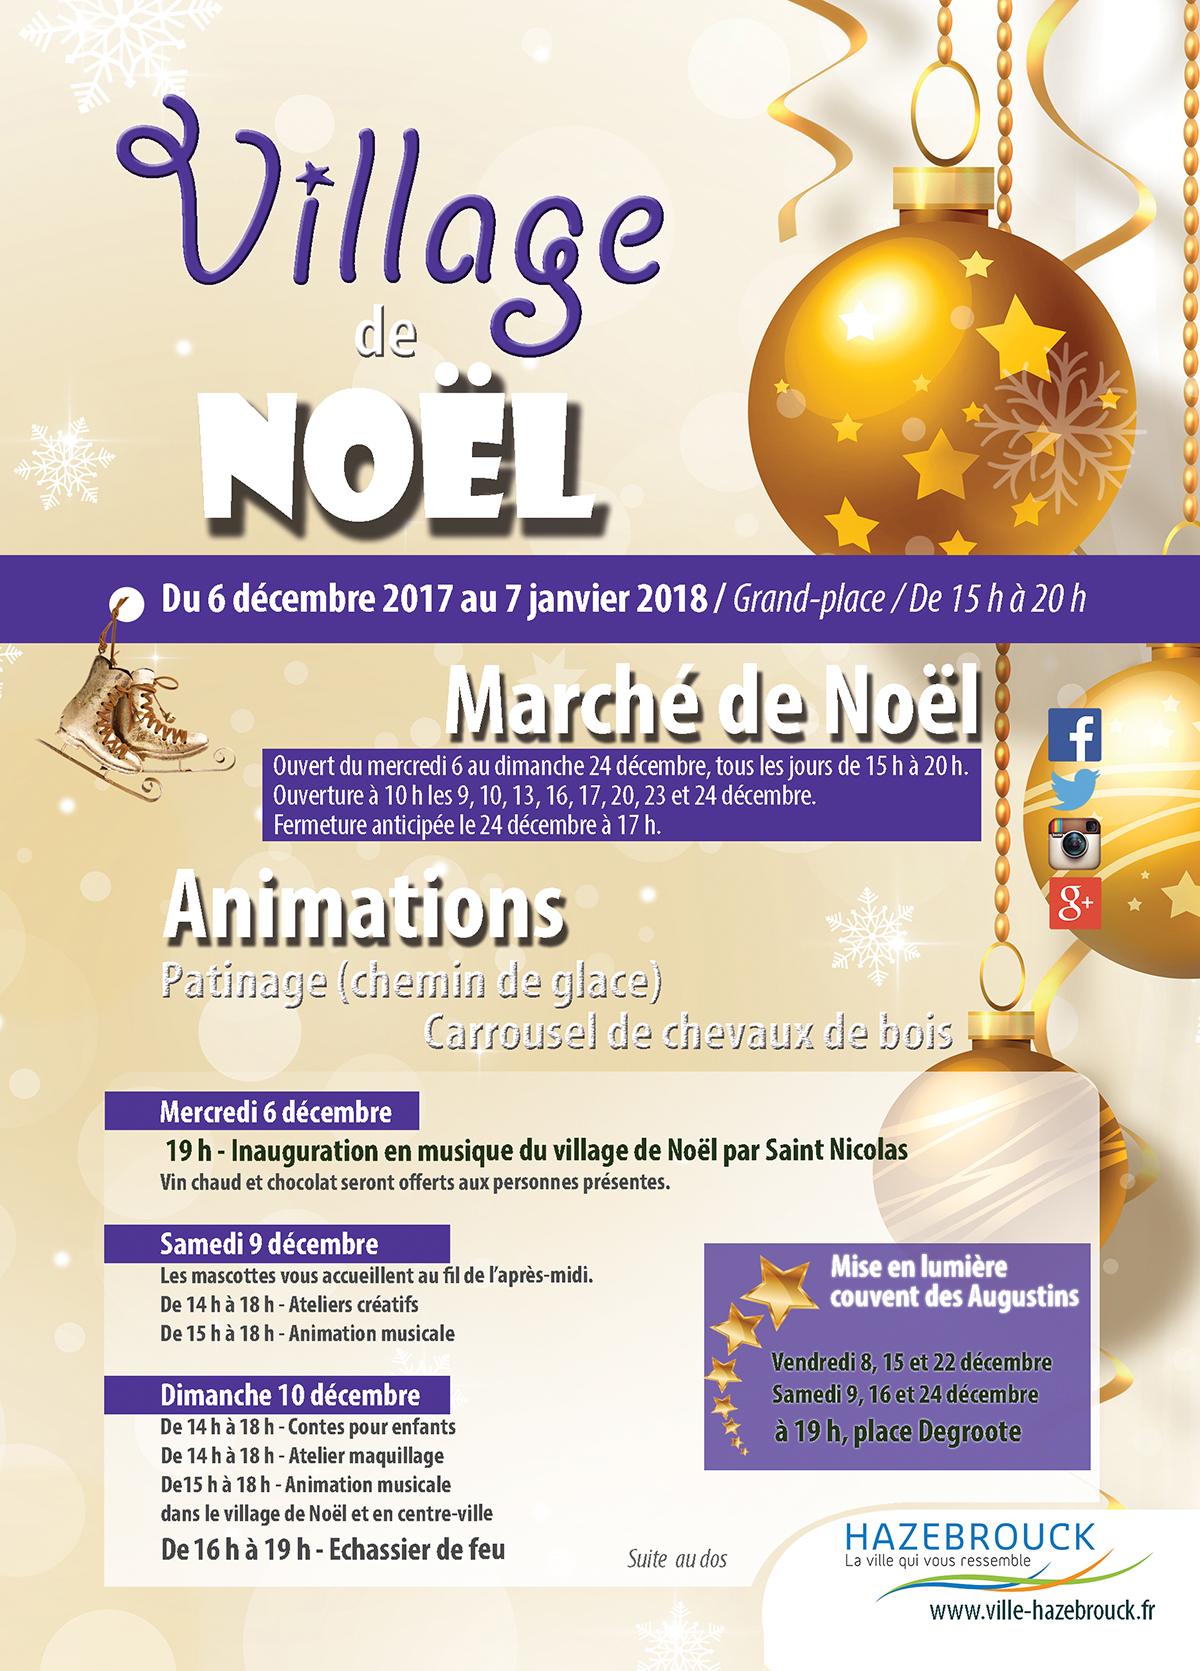 noel hazebrouck 2018 Le Village de Noël d'Hazebrouck, découvrez le programme !   Ville  noel hazebrouck 2018